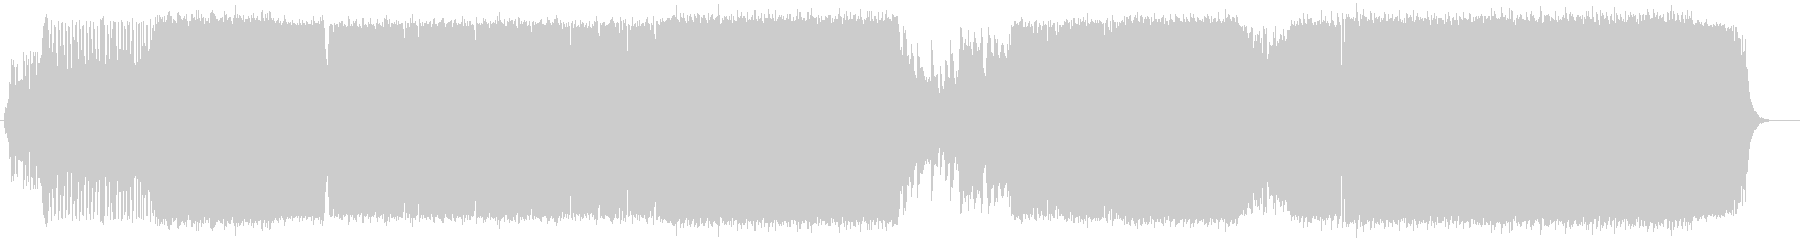 オープニング映像に合うクールなロックの未再生の波形